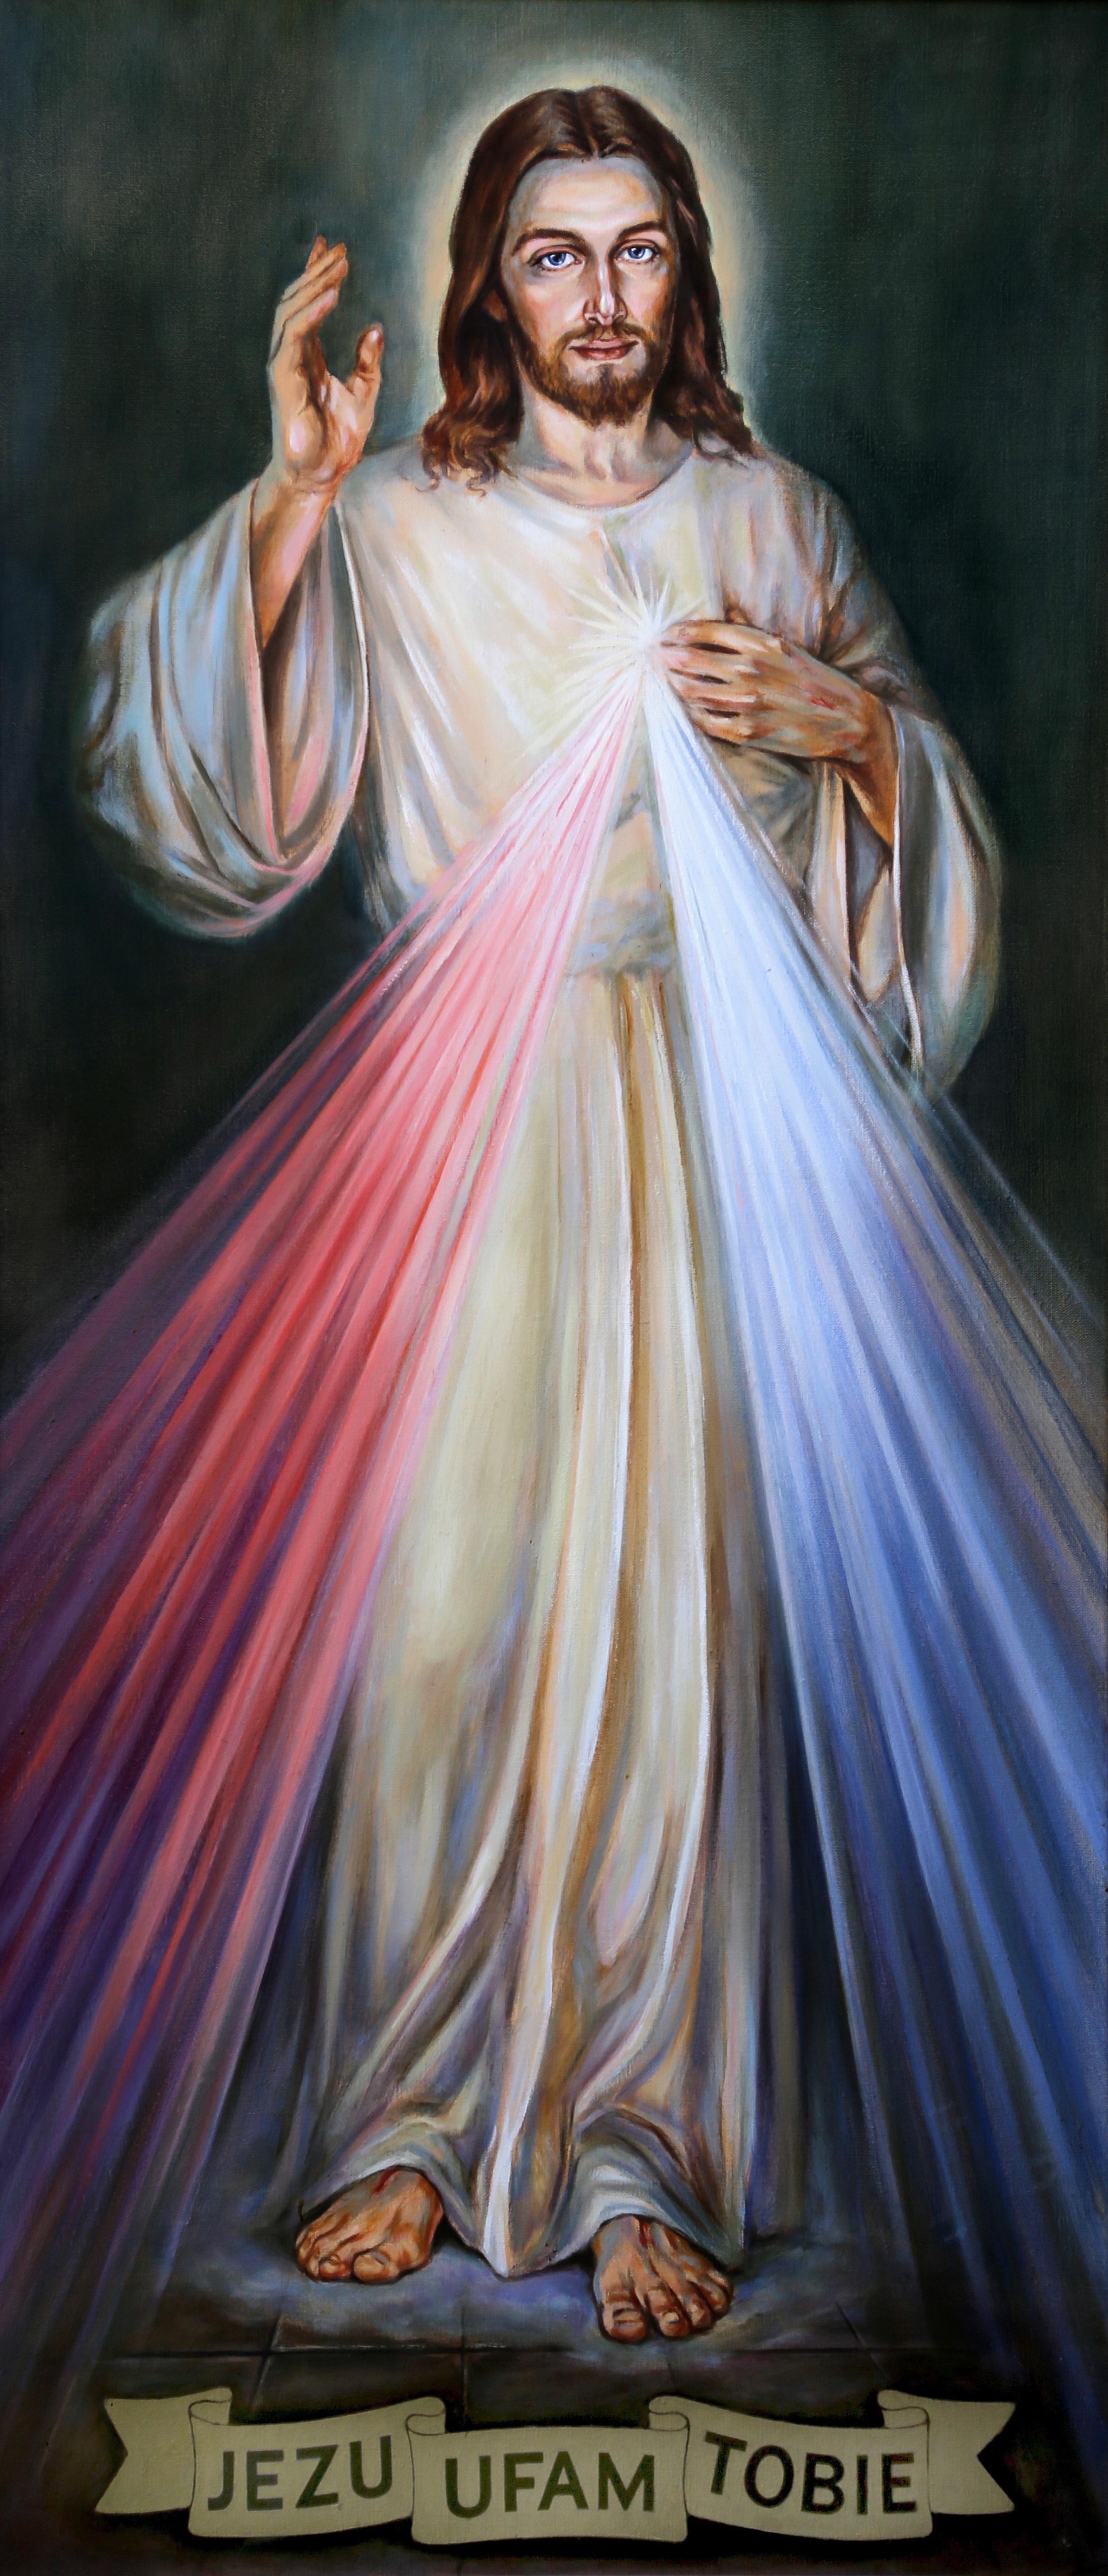 Free Images Religion Church Painting Catholic Faith